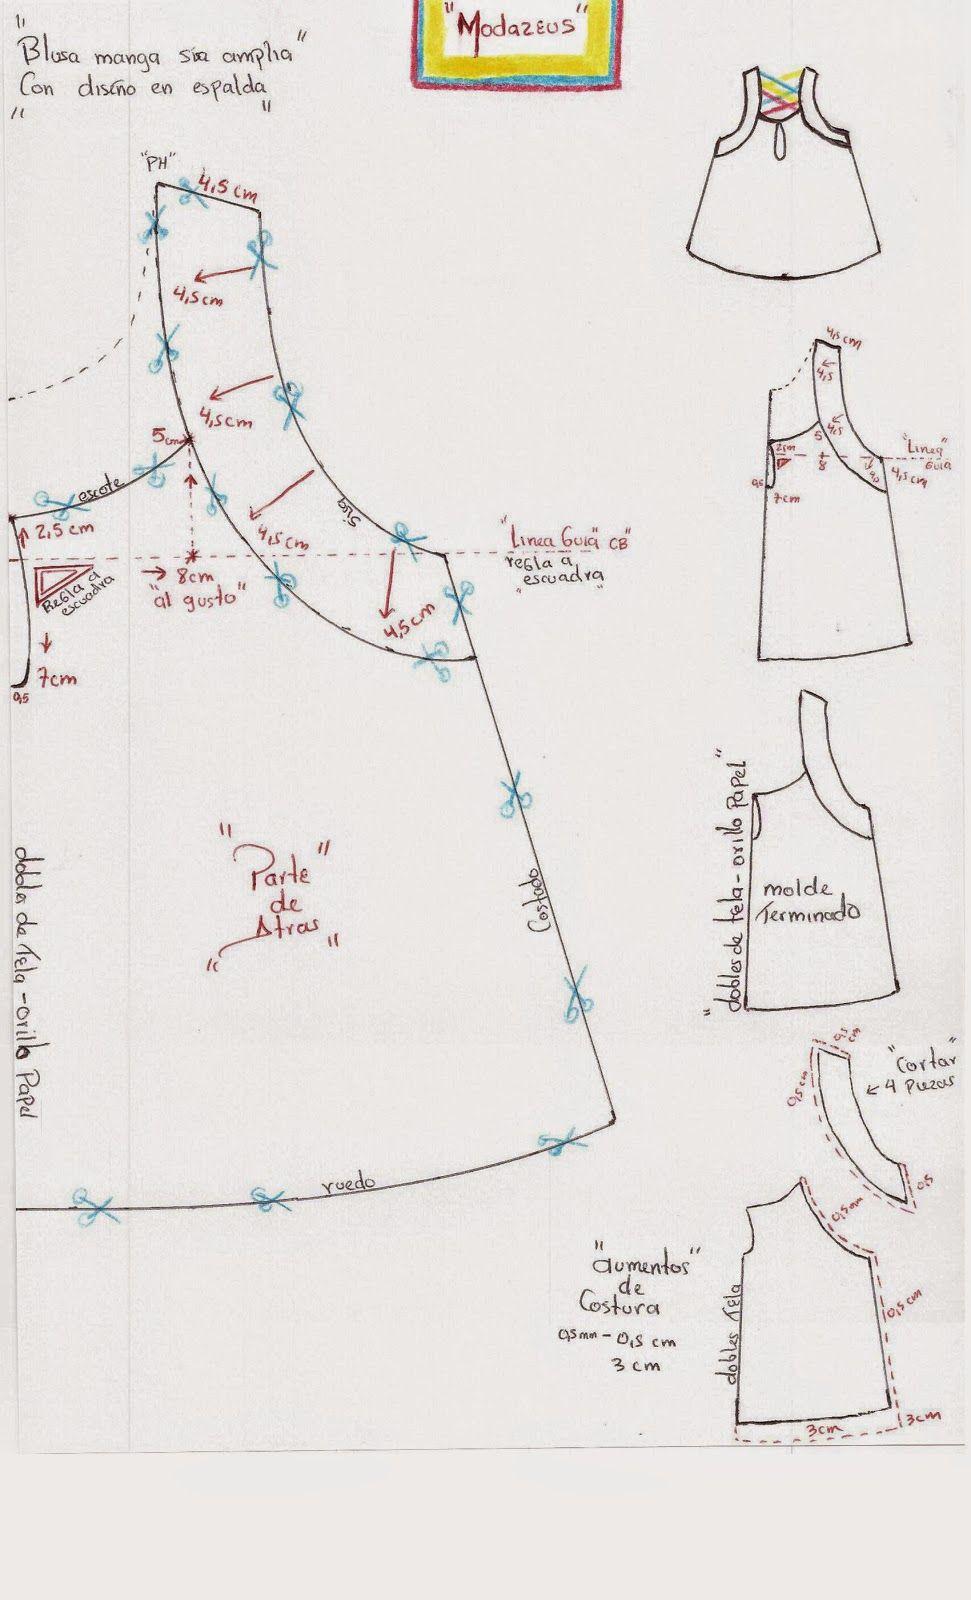 forma de trazar y transformar el diseño de la blusa. #moda #modazeus ...